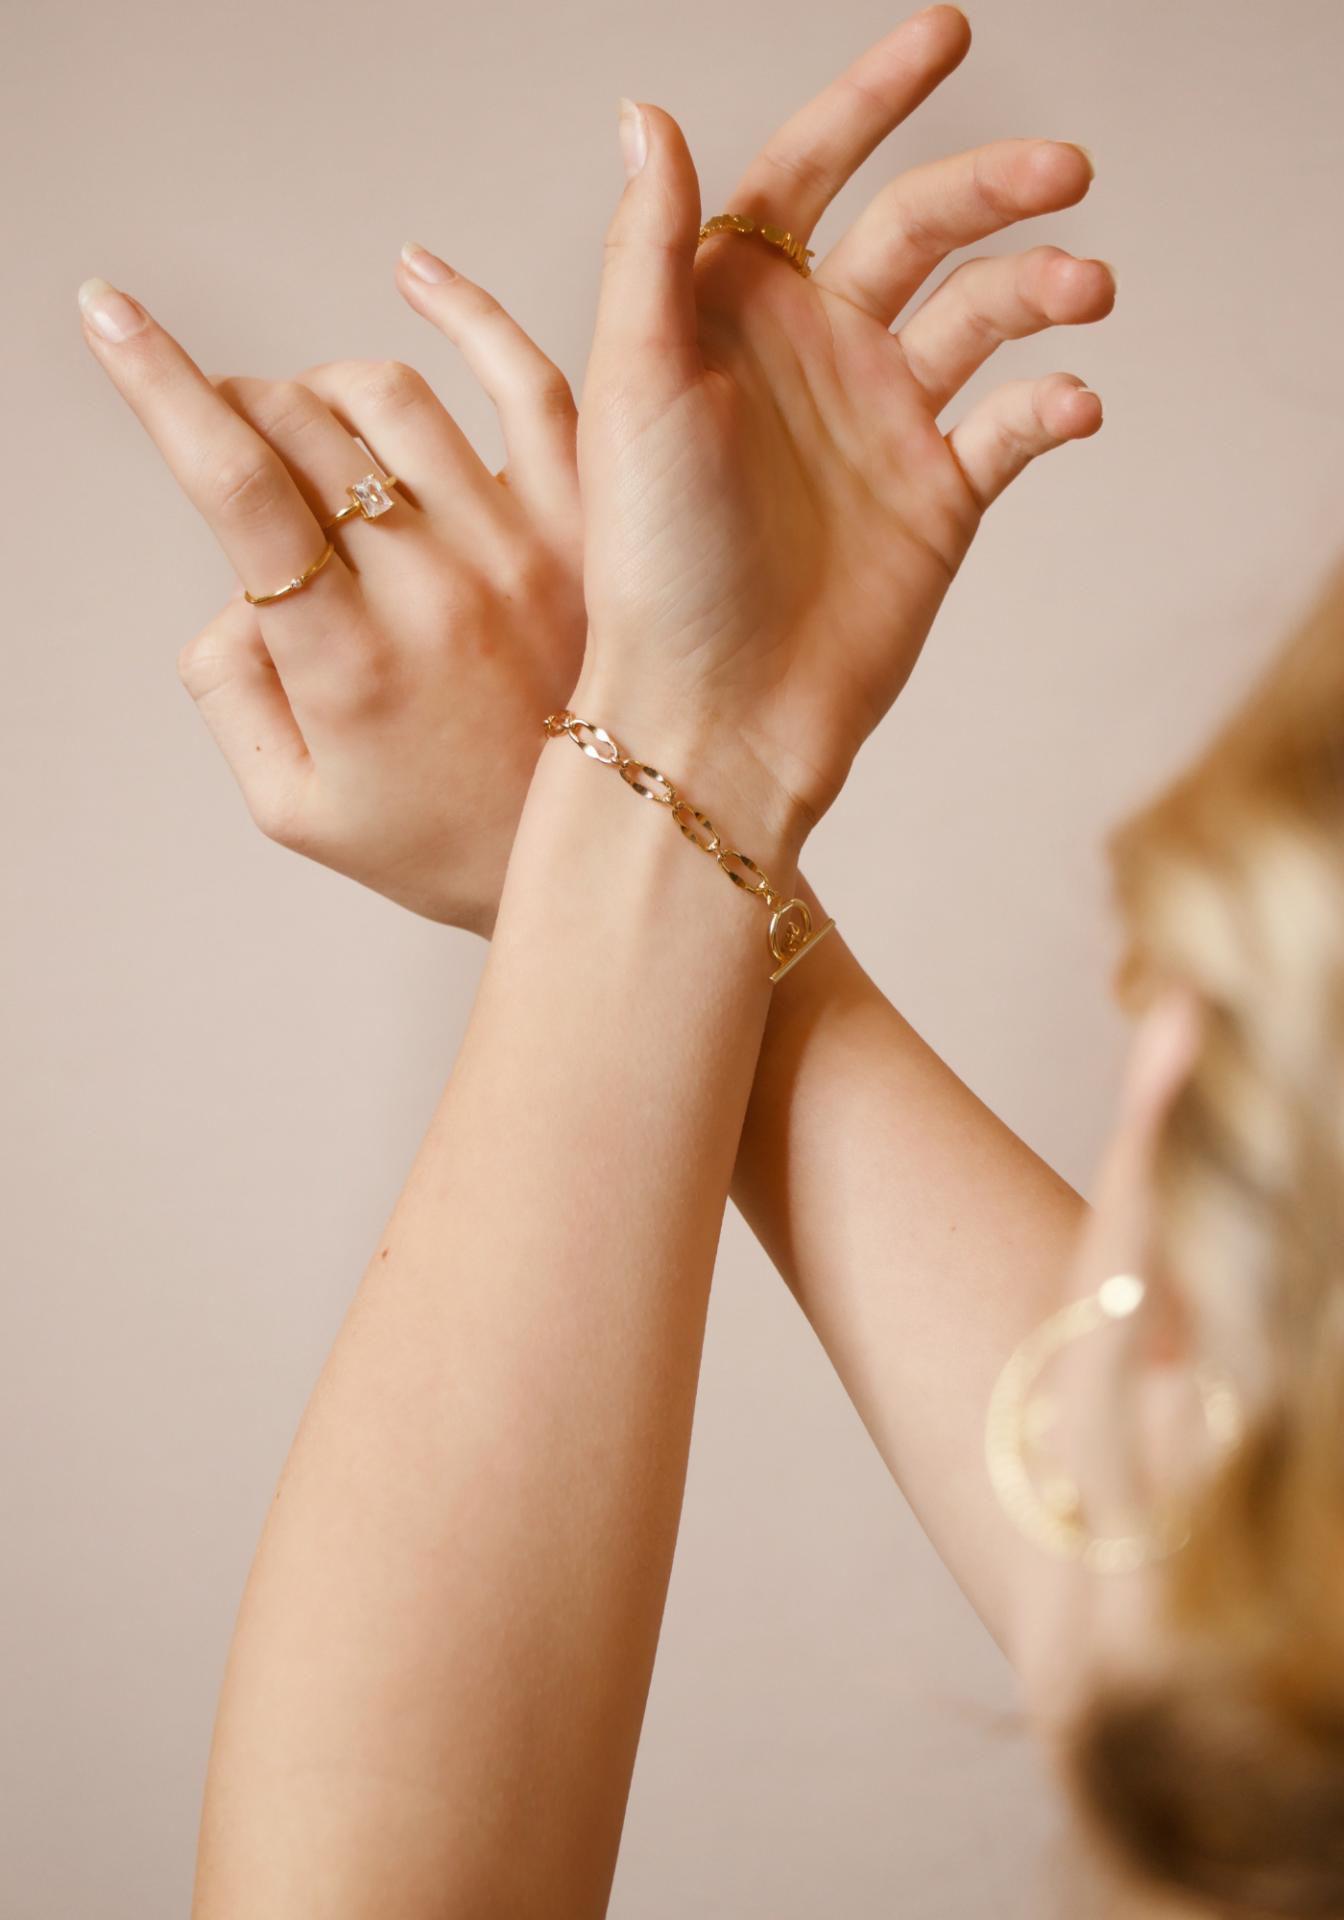 Millennial Light Weight Jewelry.